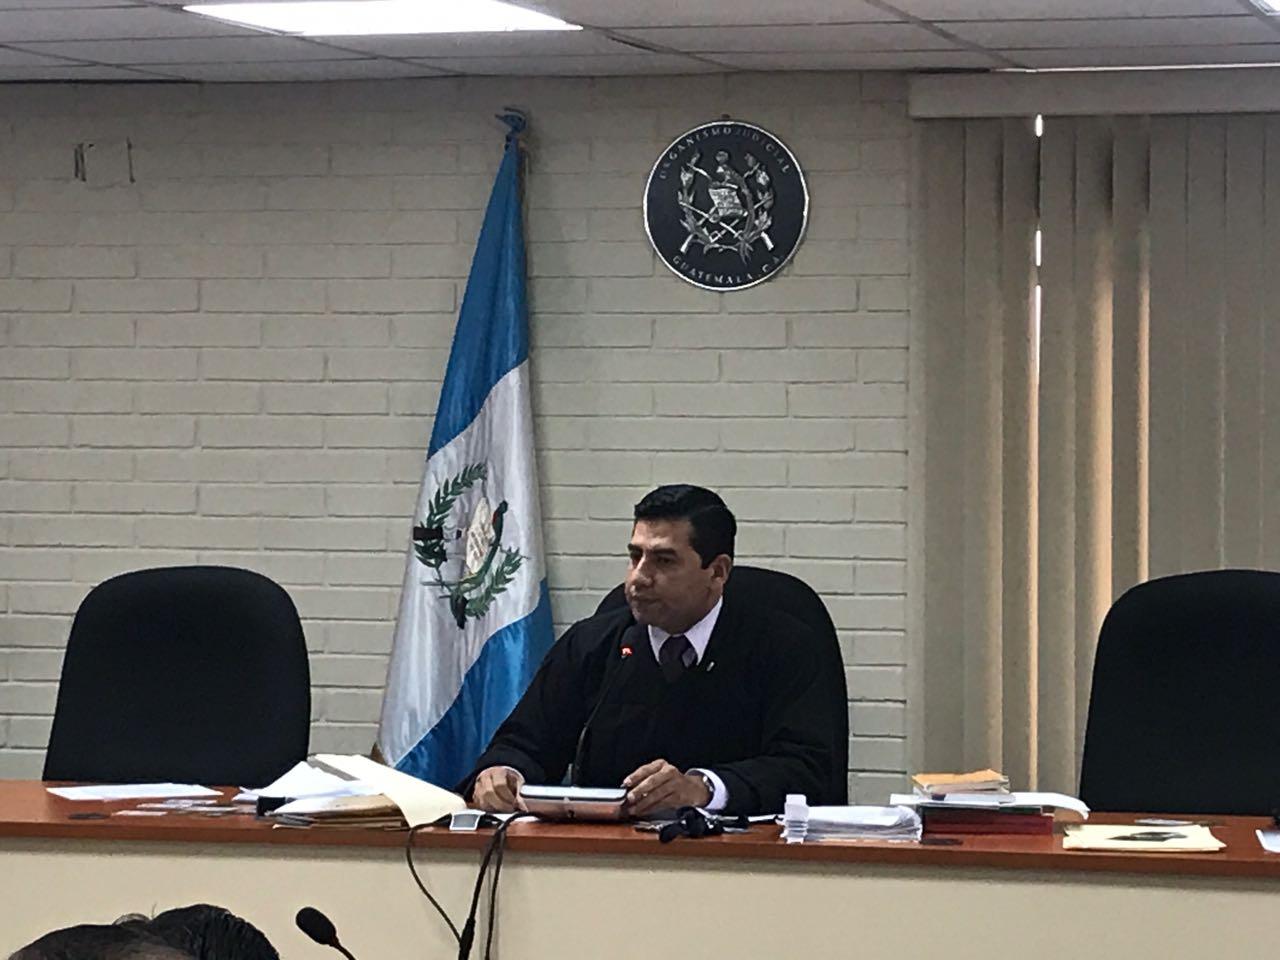 Juez Carlos Guerra